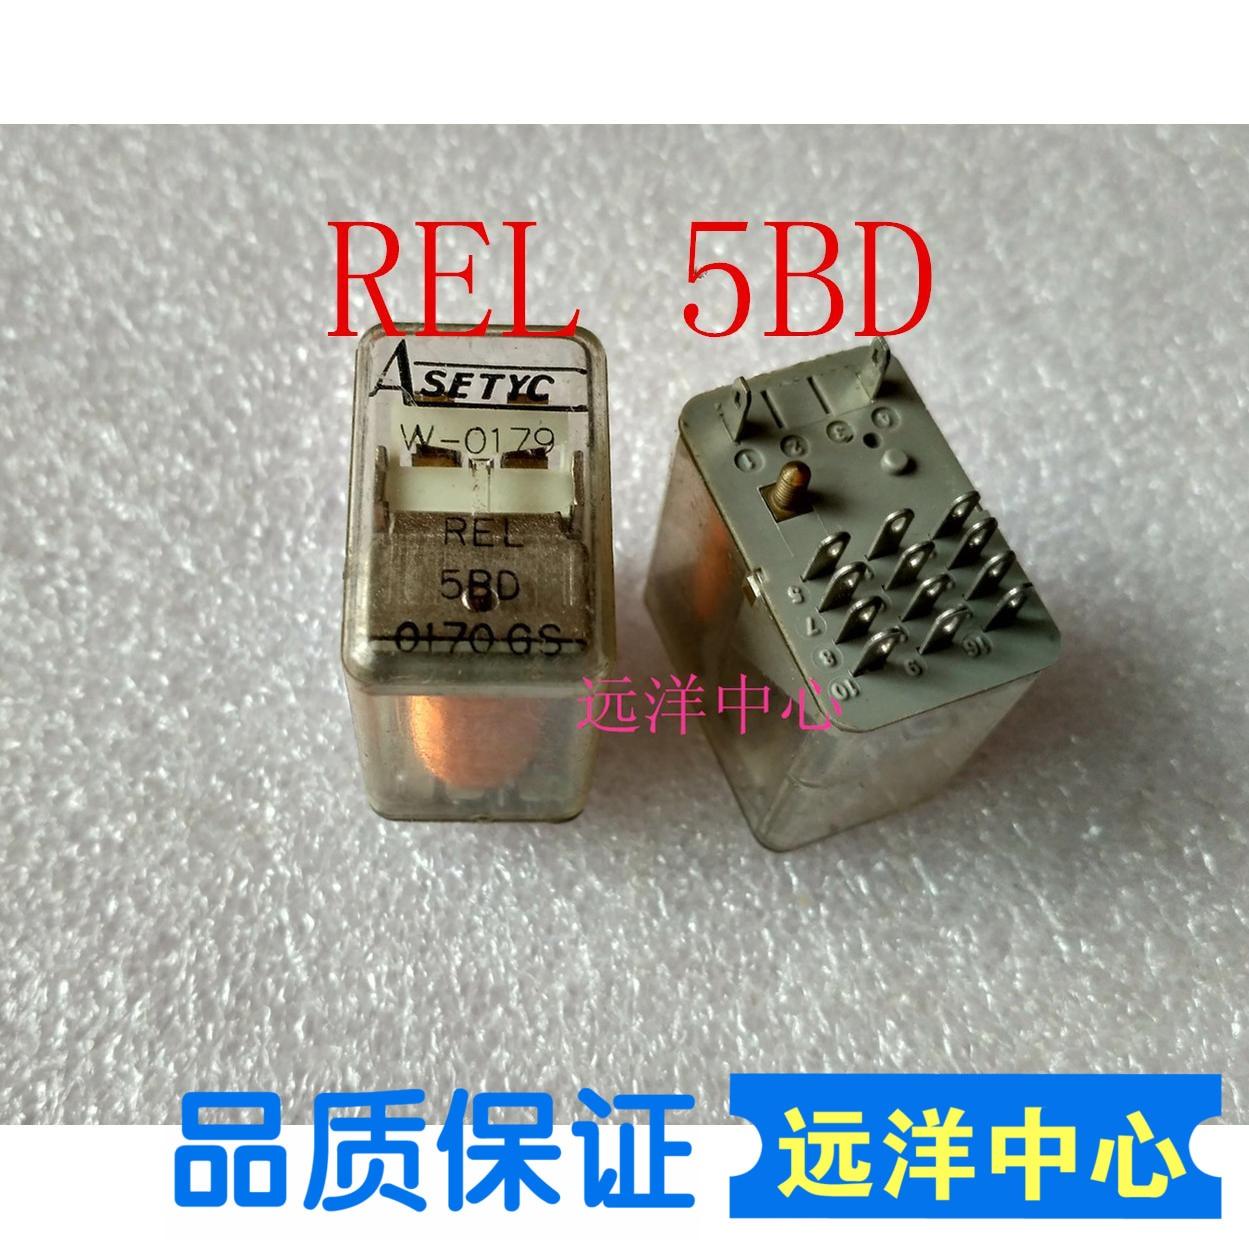 W-0179 REL 5BD  0170GS 14 W-0179 lacywear dg 49 rel